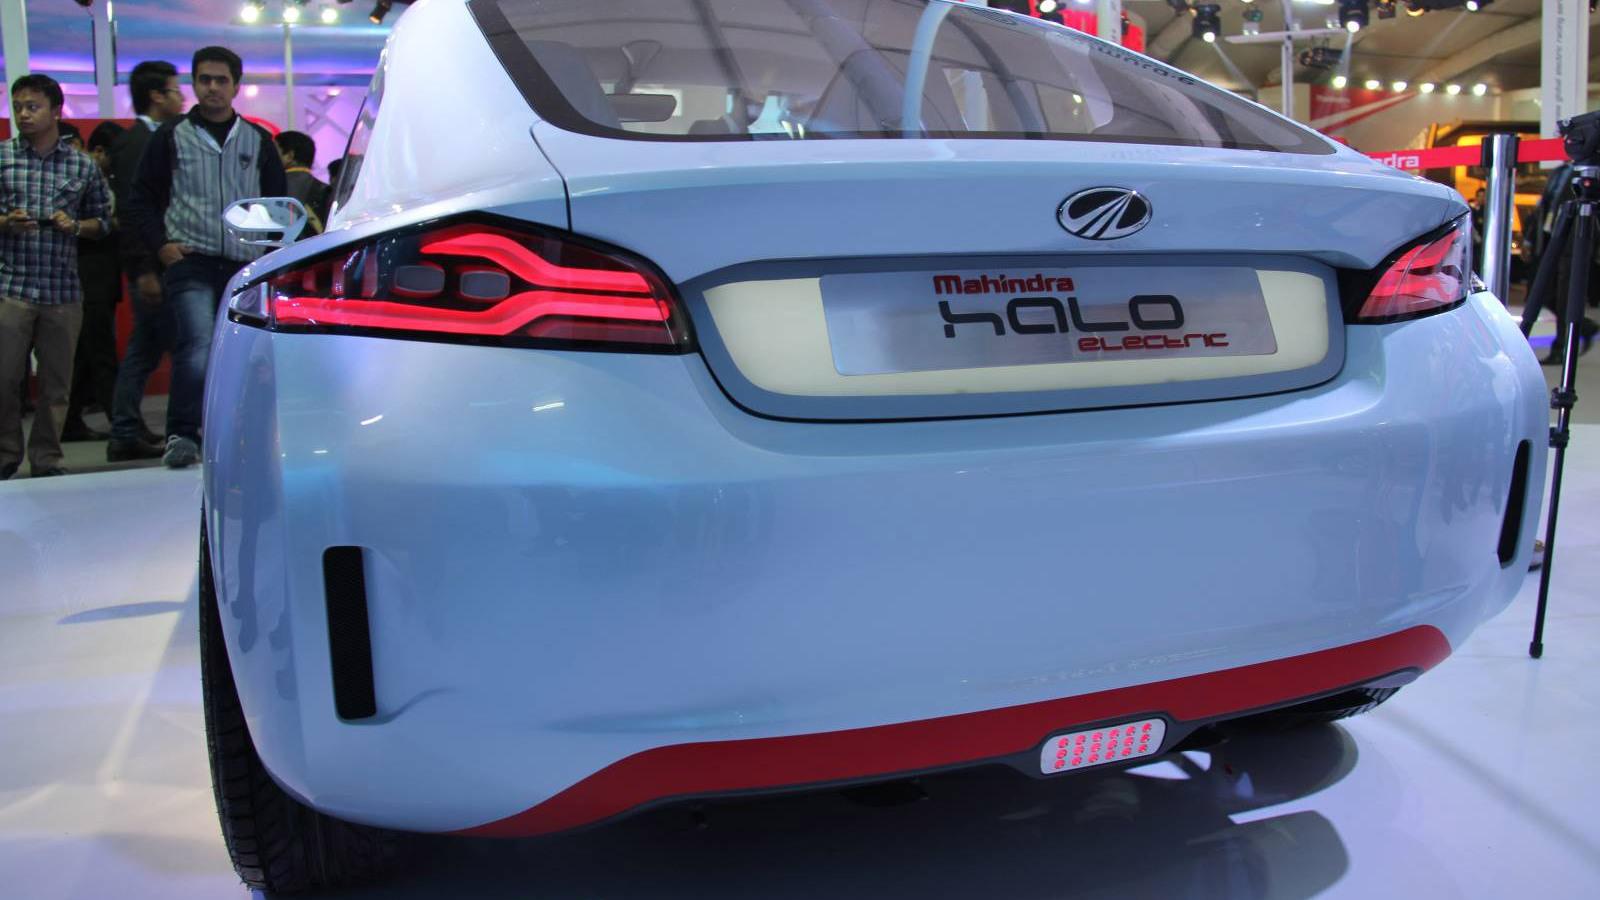 Mahindra Reva Halo, 2014 Delhi Auto Expo - Image via MotorBeam